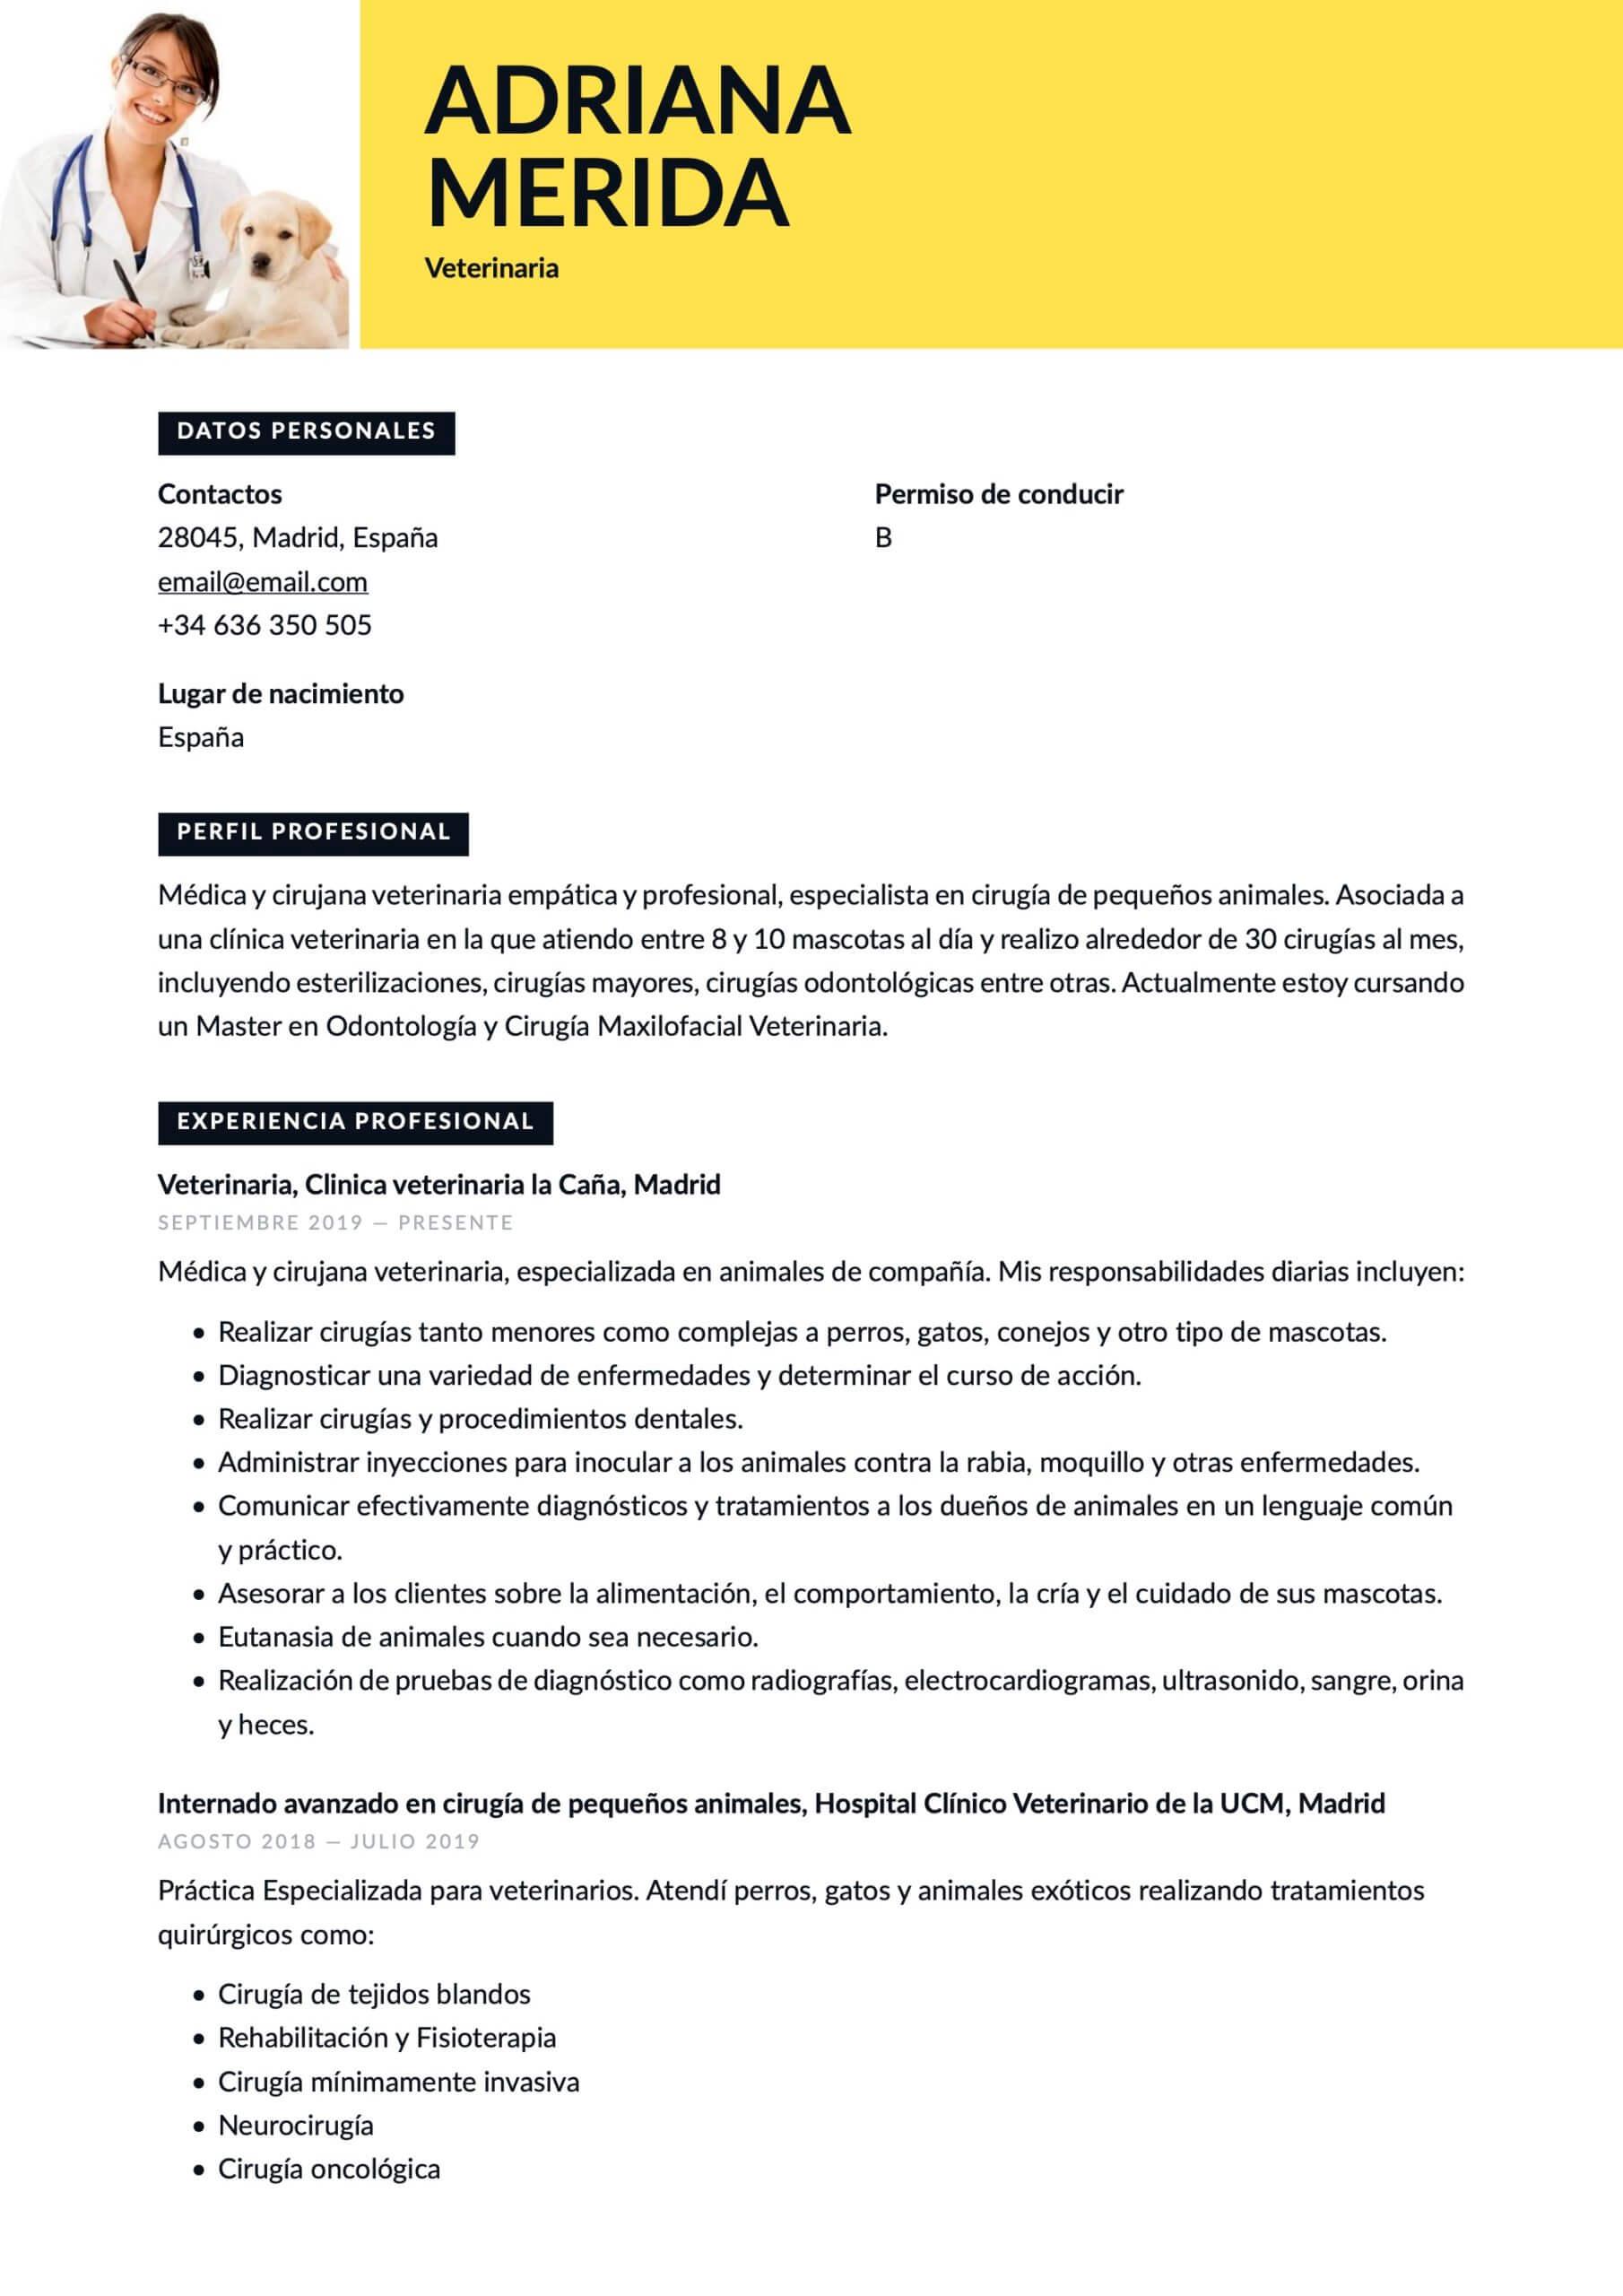 Currículum para Veterinario